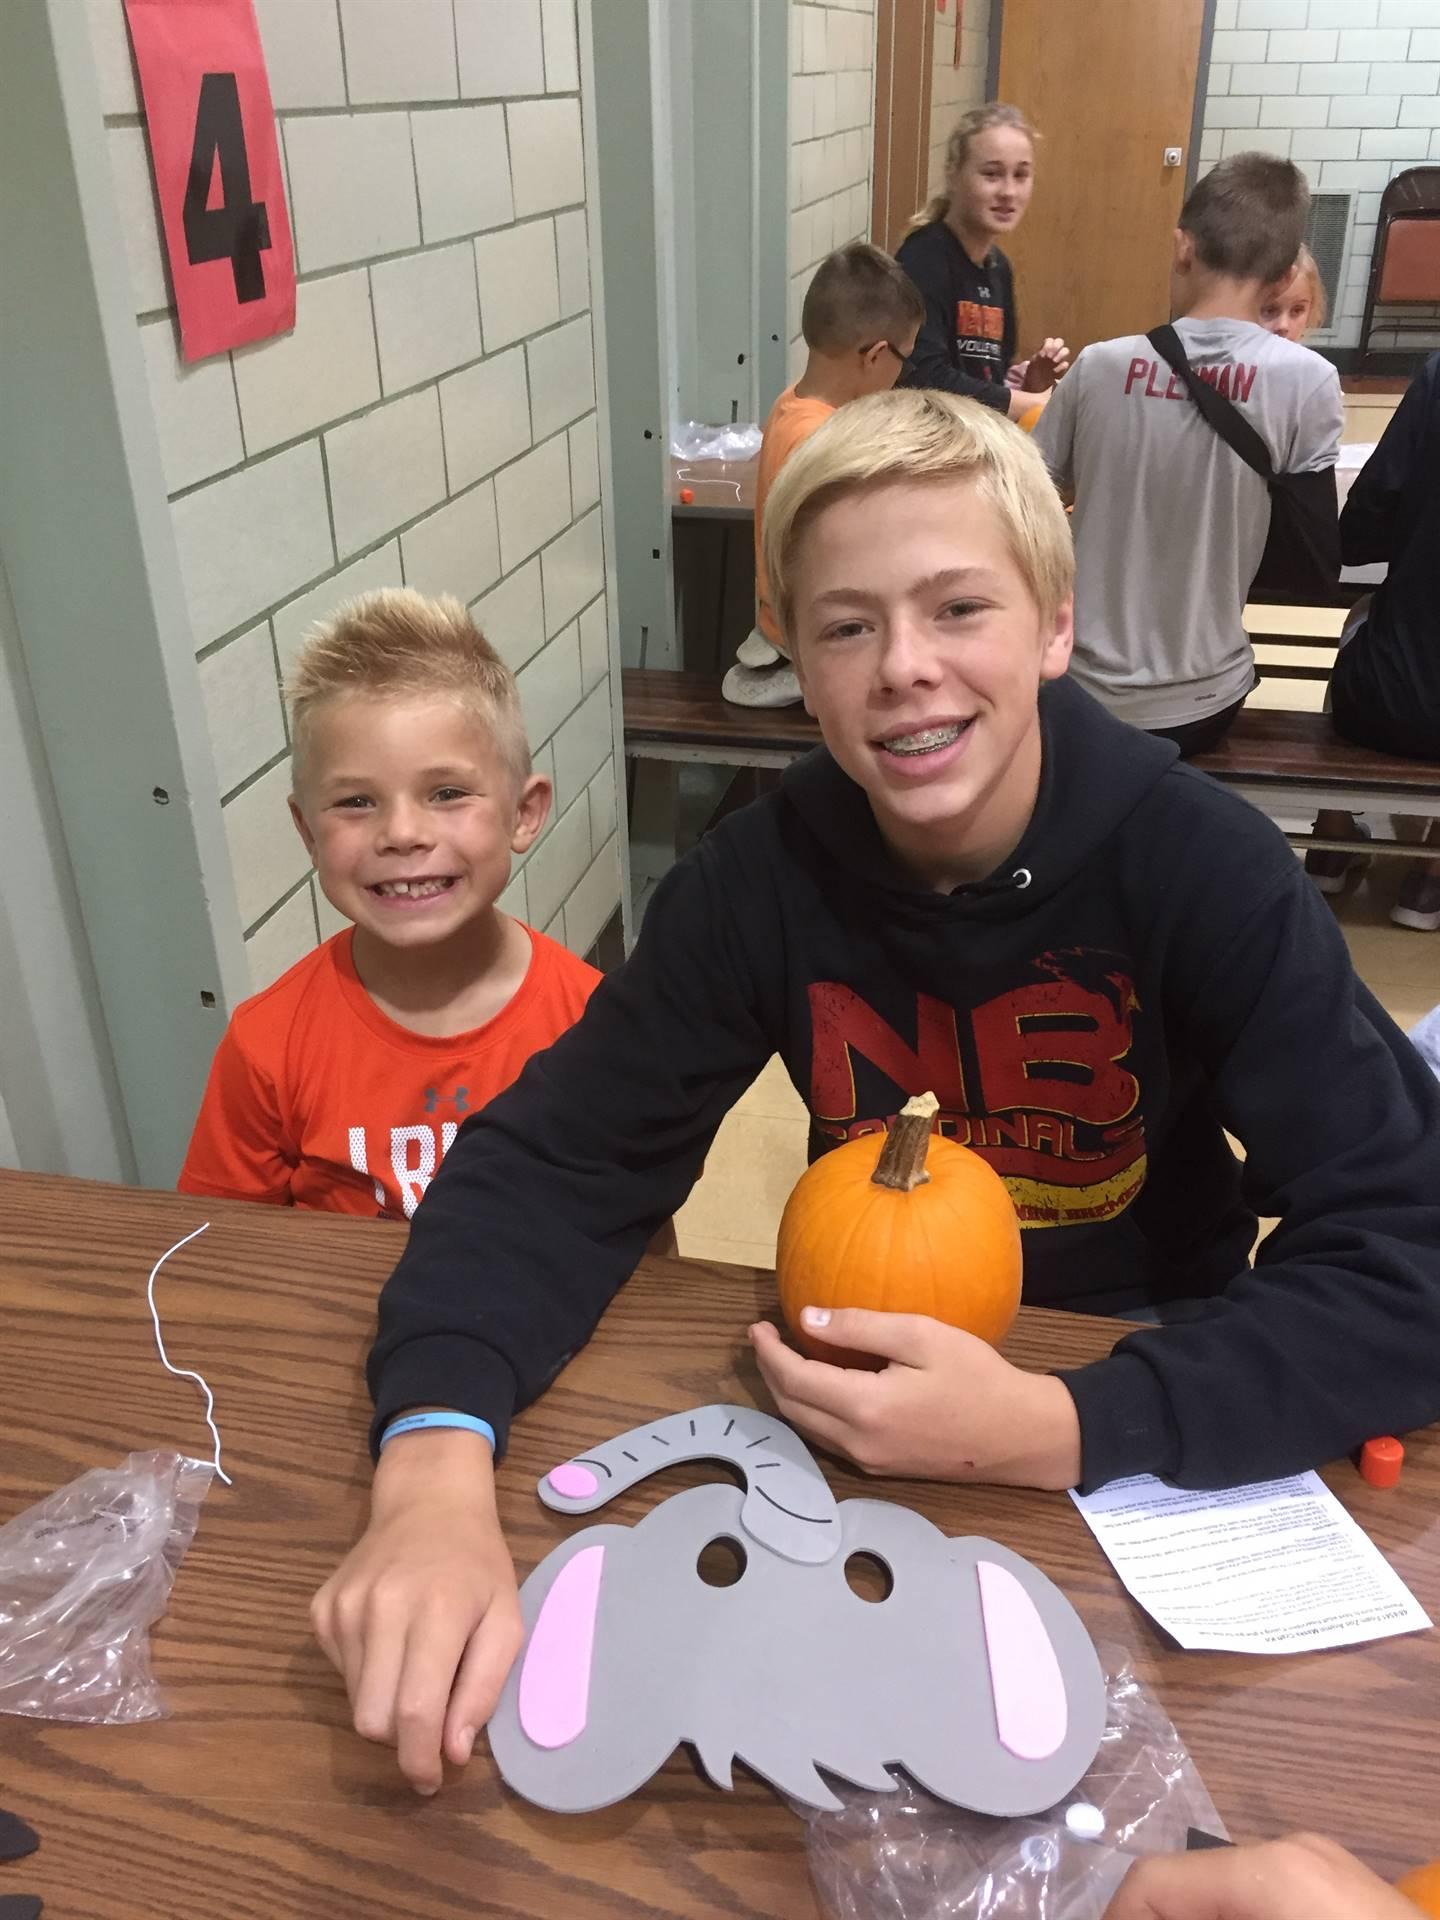 Jack-o-lantern Fun!